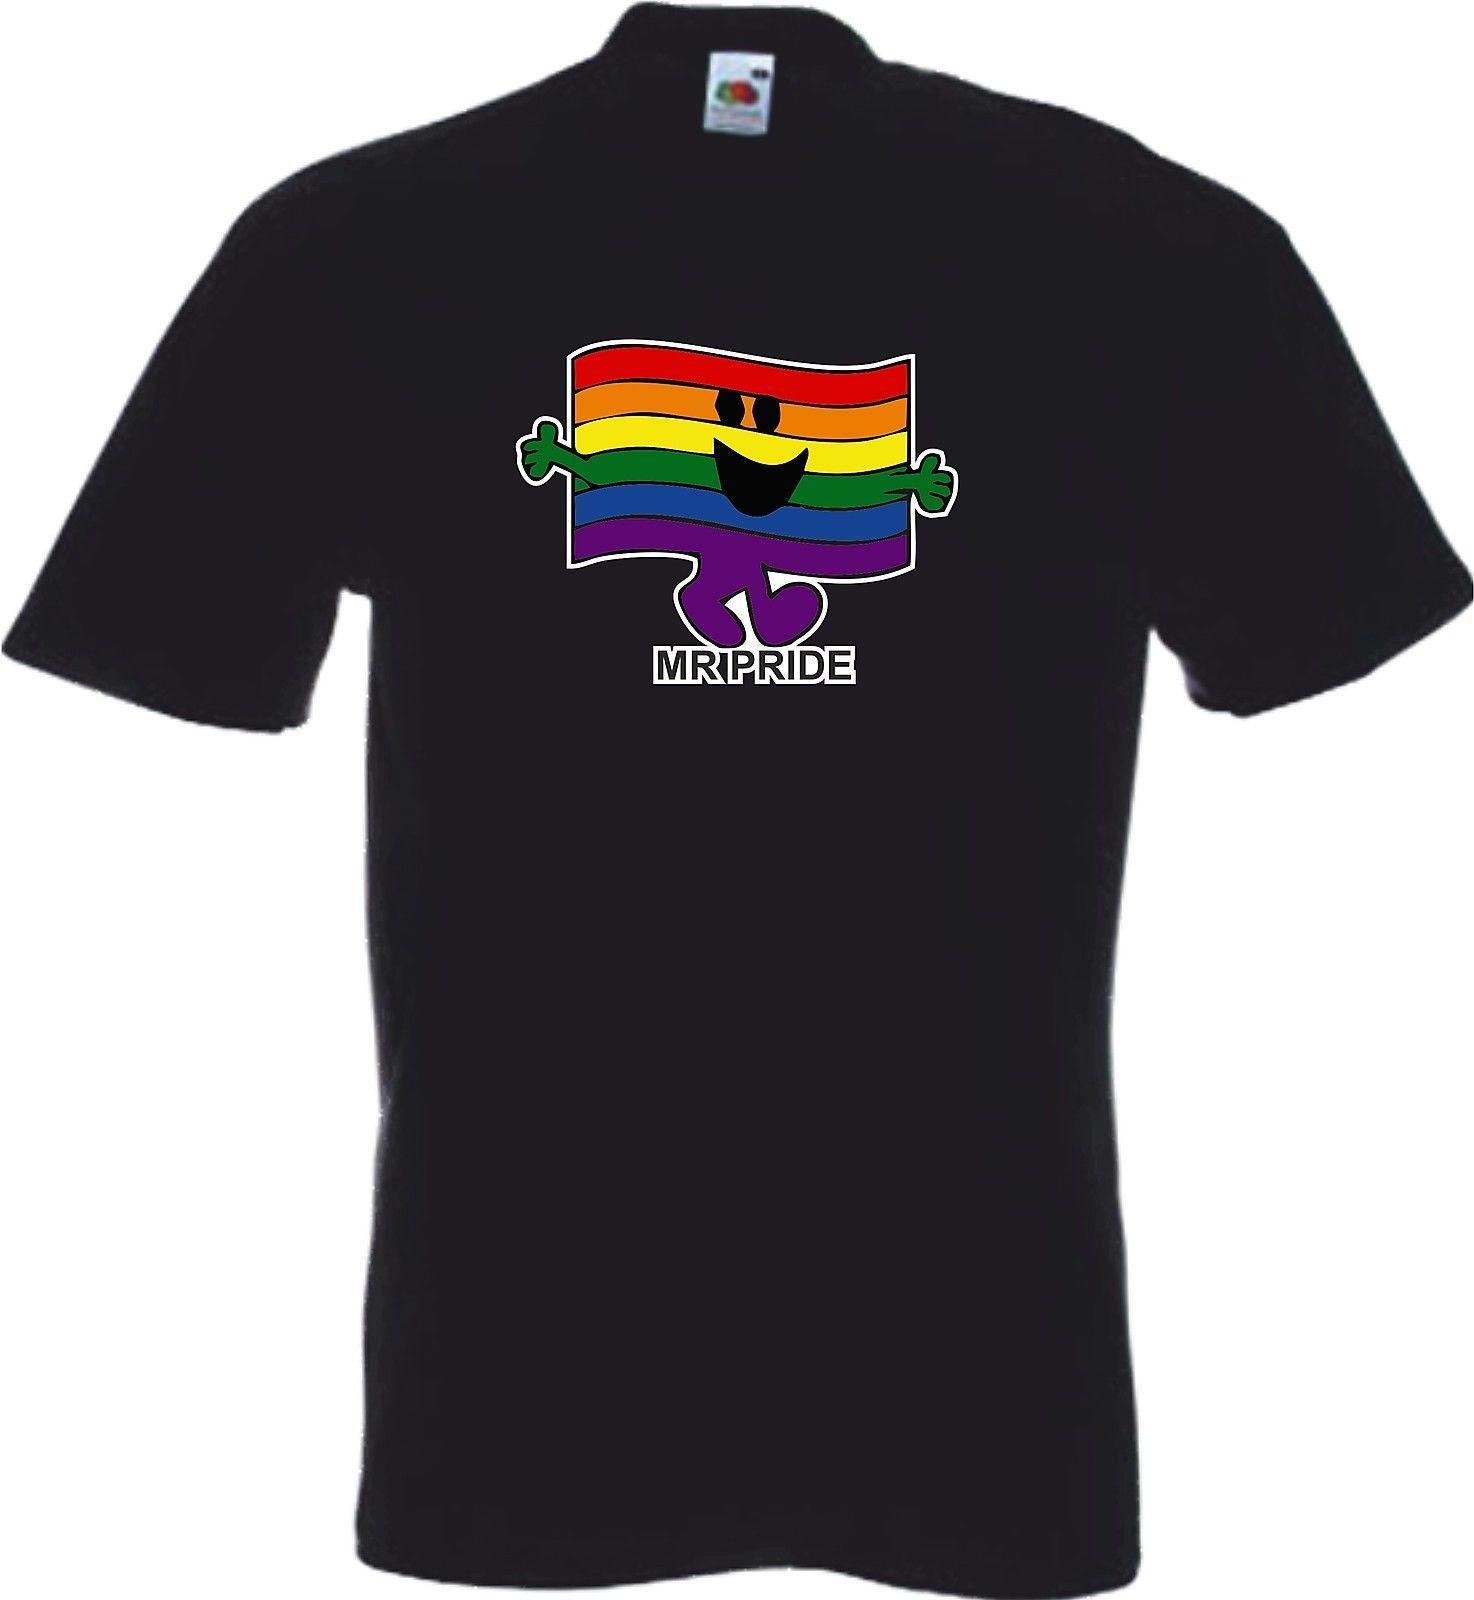 noir lesbienne dessin animé